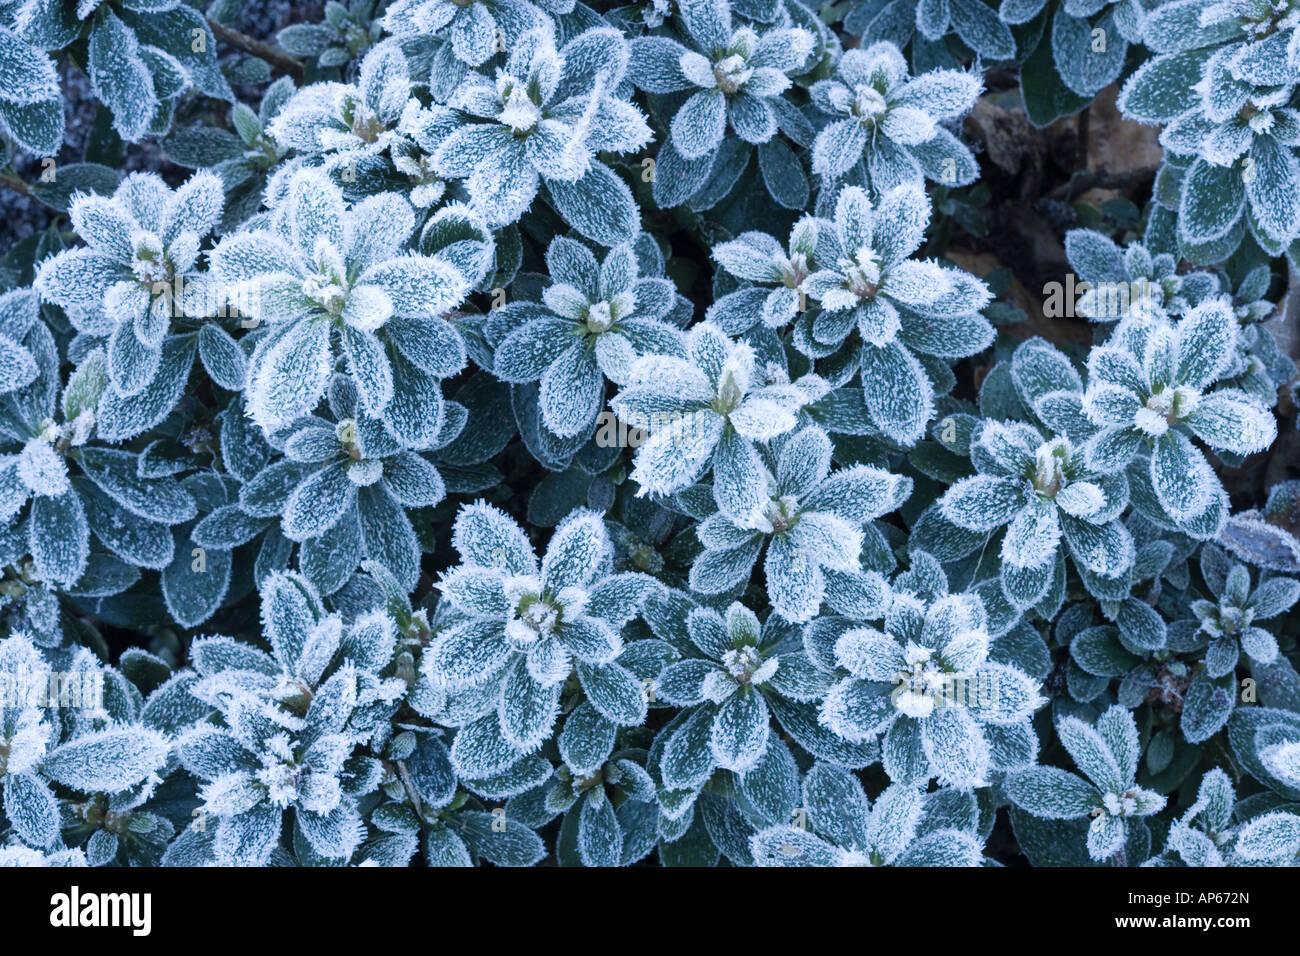 Frost on Azalea, UK garden. - Stock Image